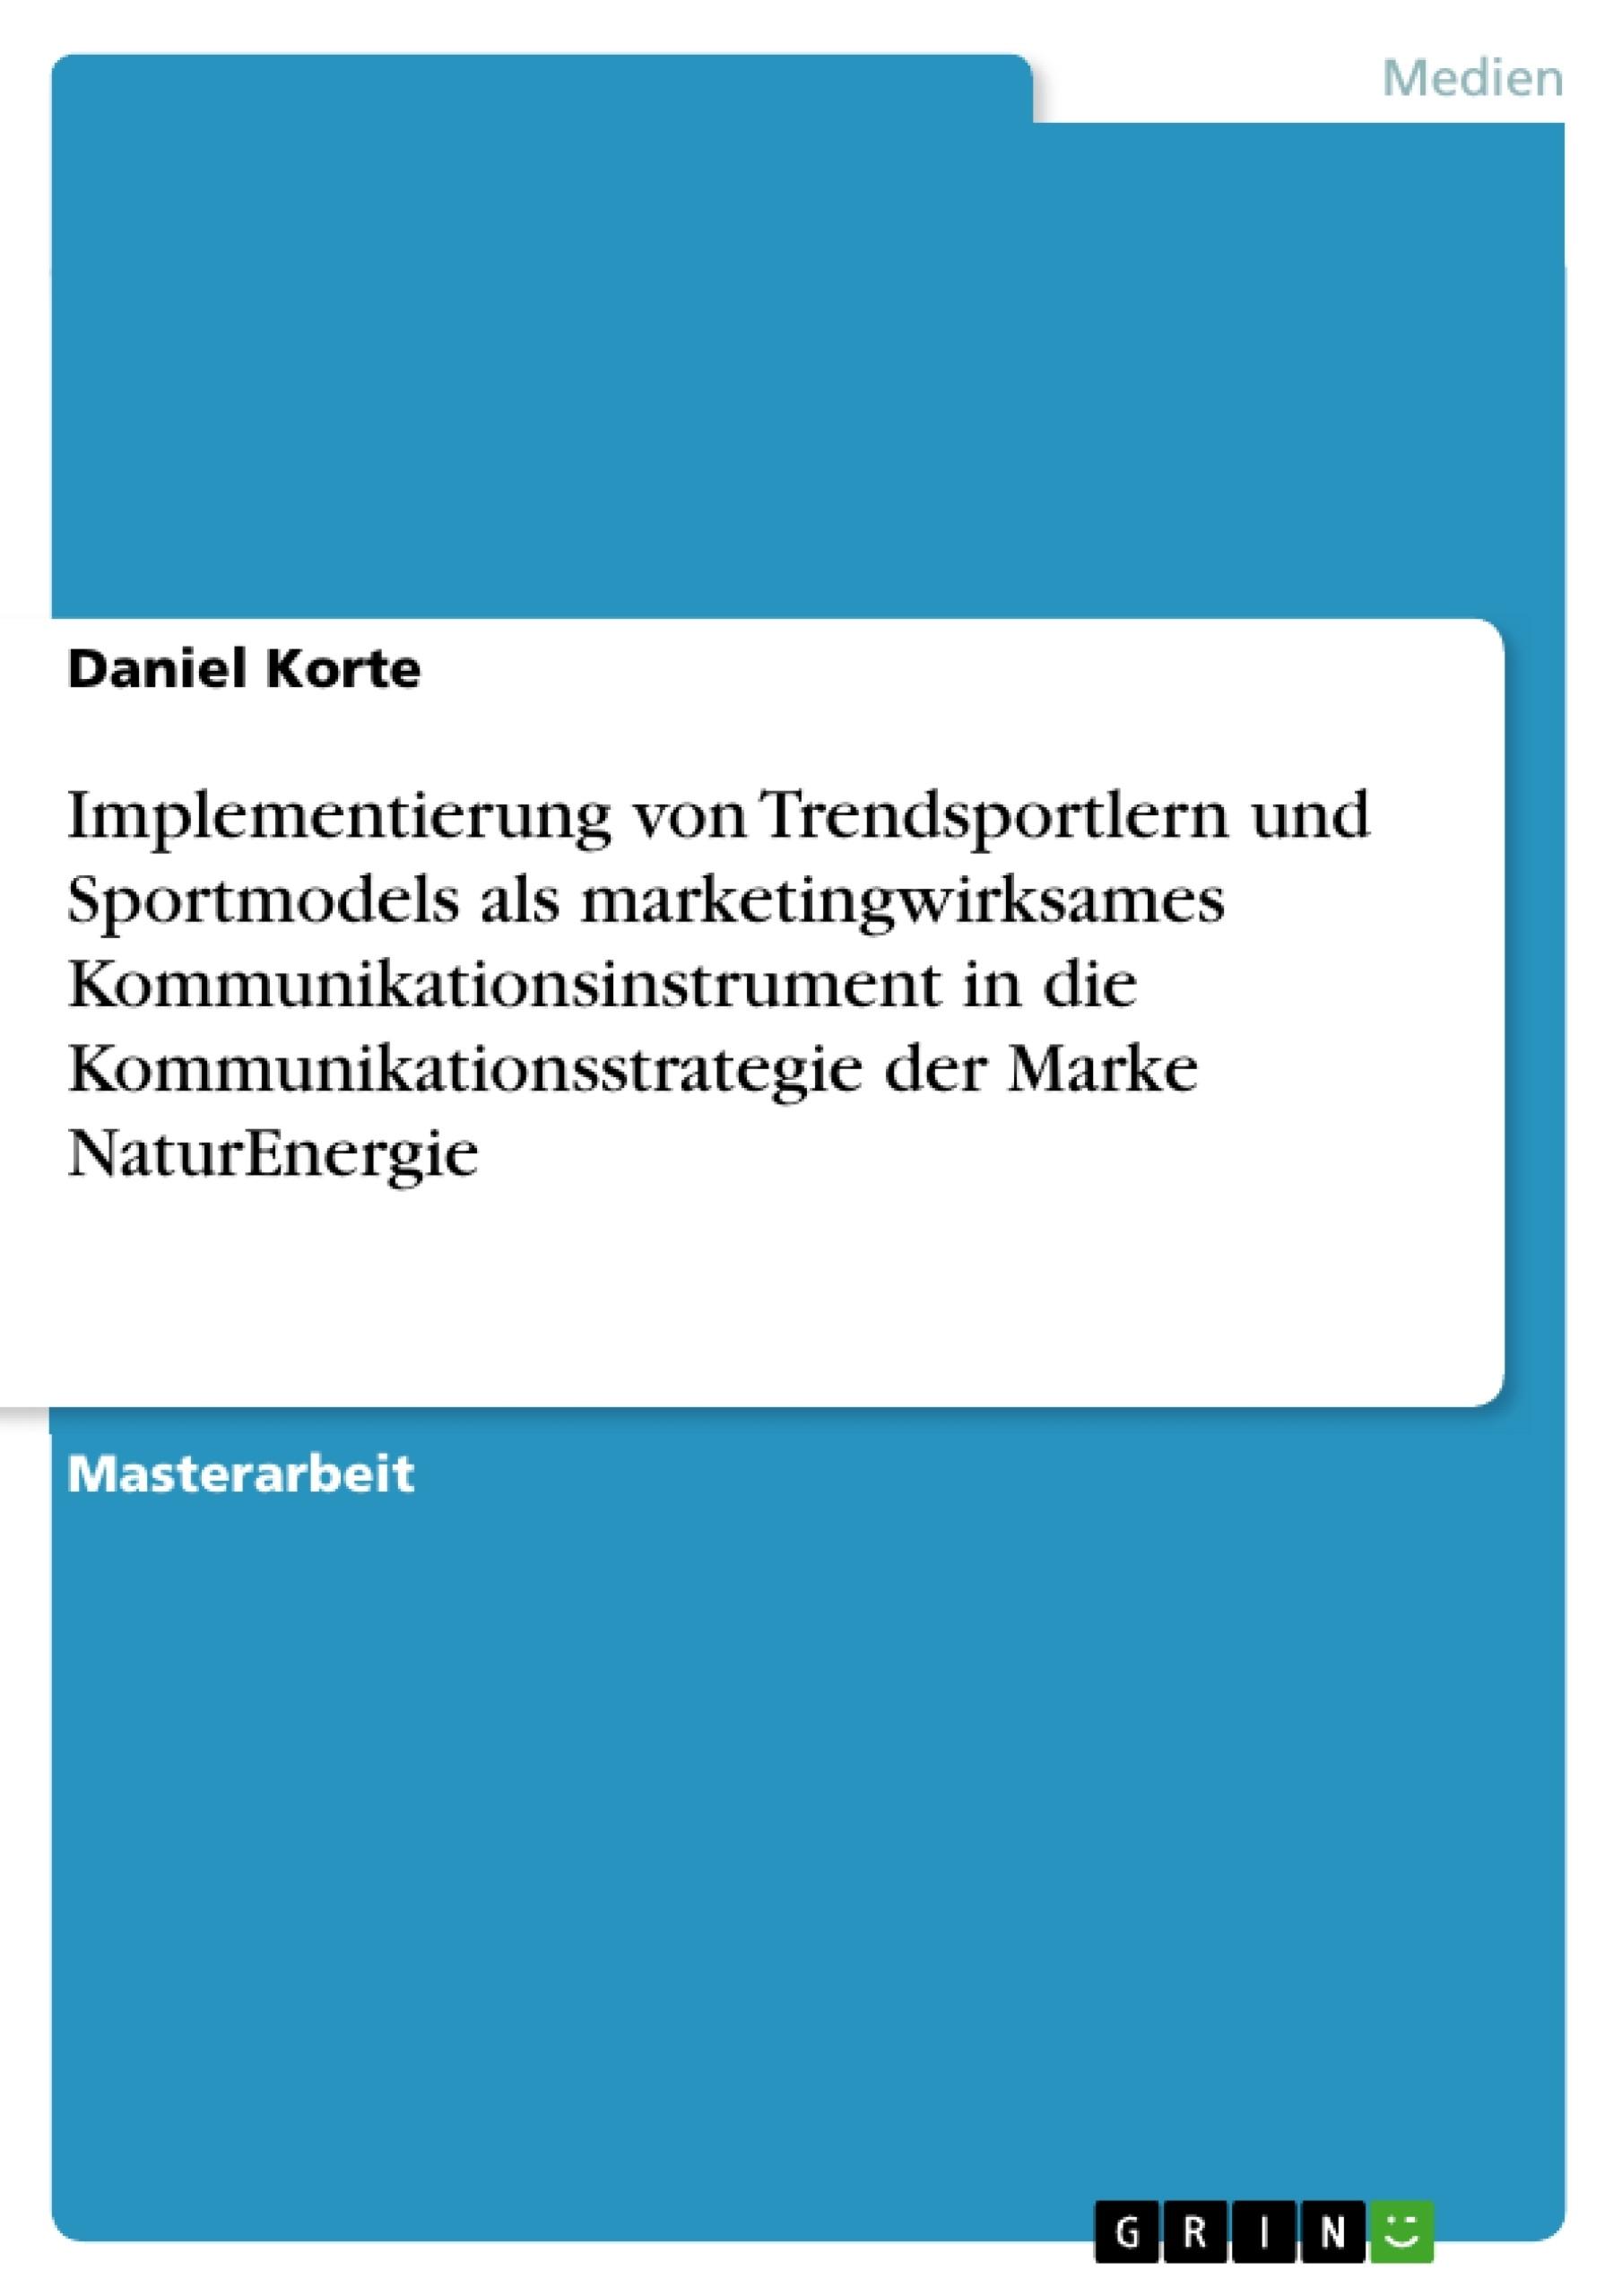 Titel: Implementierung von Trendsportlern und Sportmodels als marketingwirksames Kommunikationsinstrument in die Kommunikationsstrategie der Marke NaturEnergie